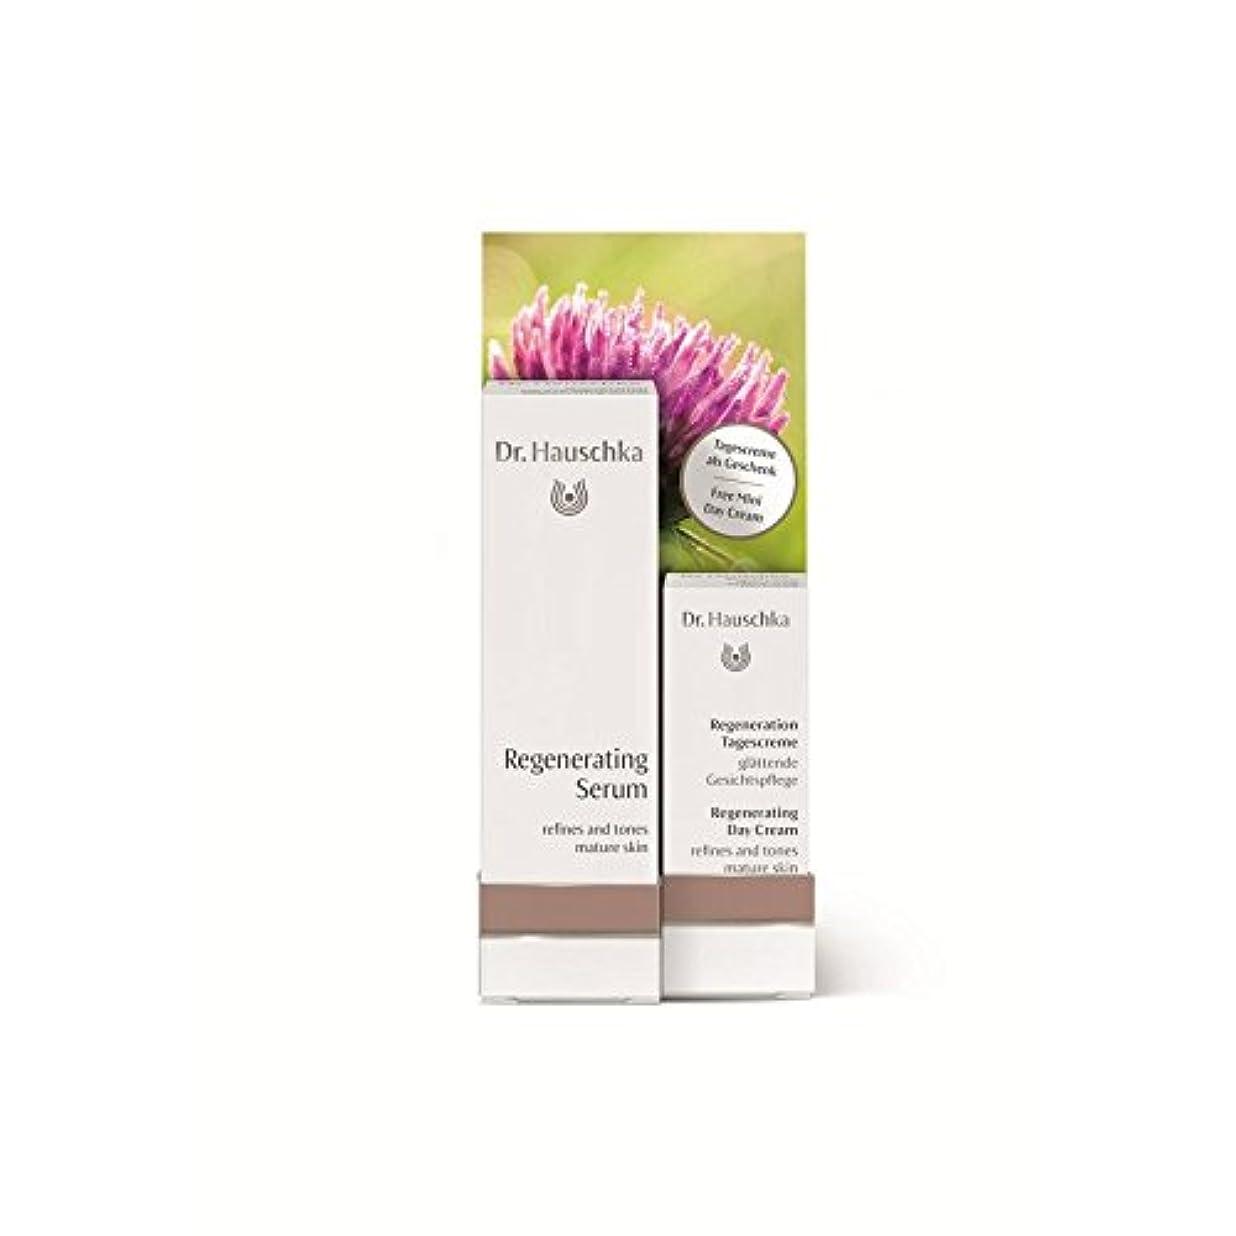 逃すカニカード無料の再生デイクリーム5ミリリットルで血清を再生ハウシュカ x4 - Dr. Hauschka Regenerating Serum with a Free Regenerating Day Cream 5ml (Pack of 4) [並行輸入品]